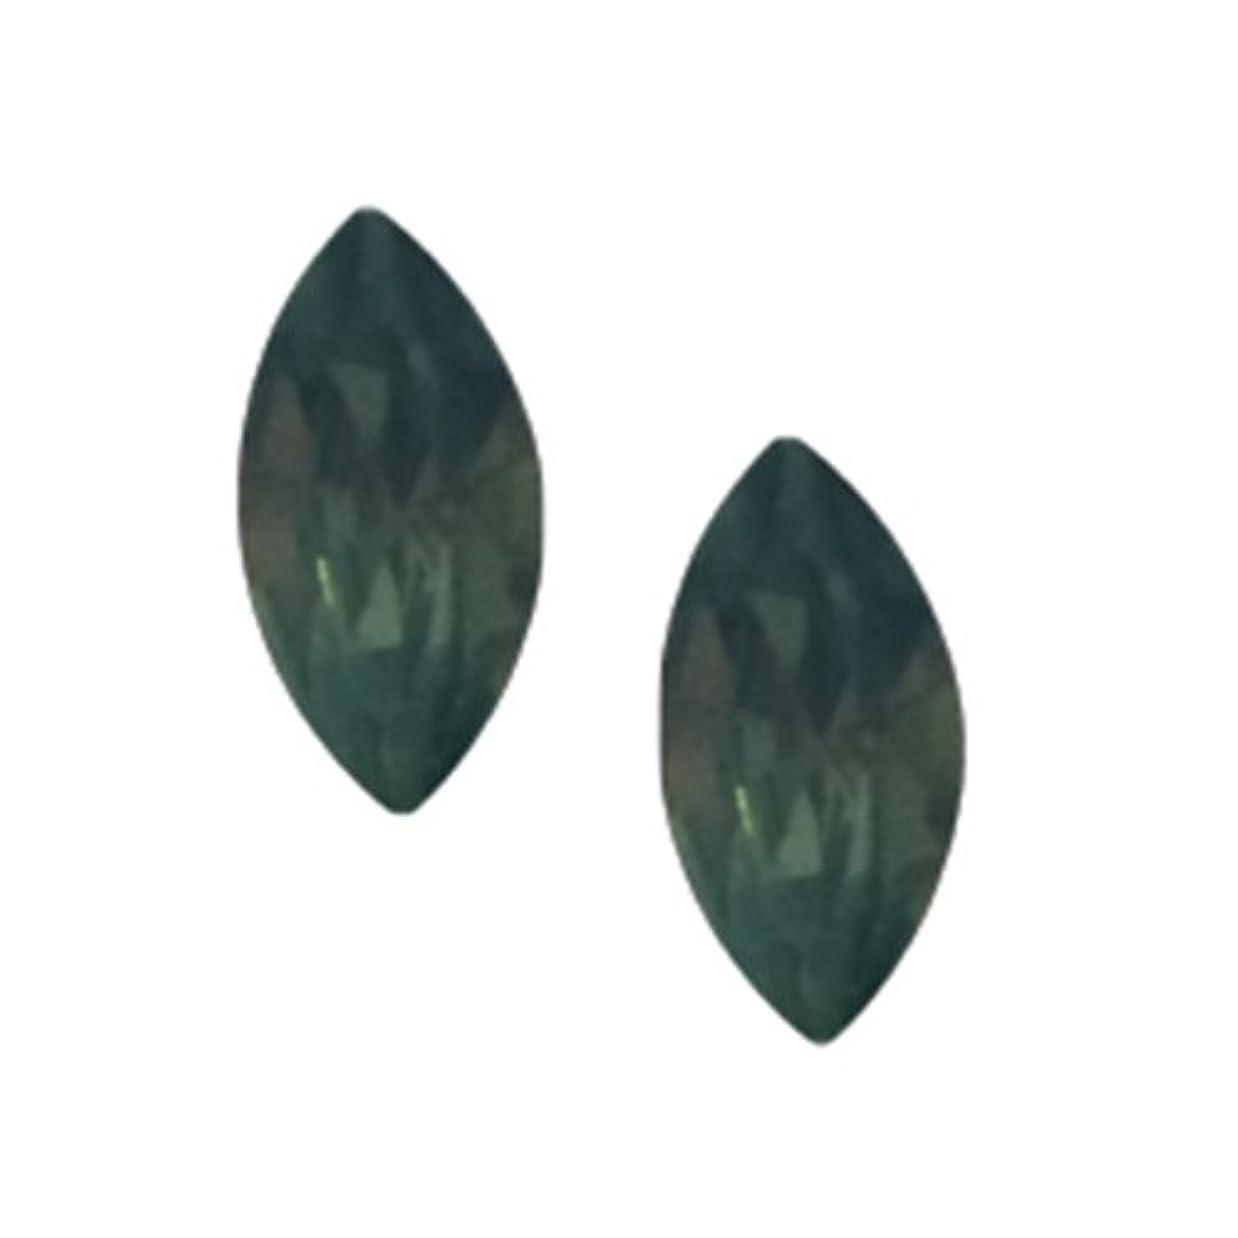 荷物作る賛美歌POSH ART ネイルパーツ馬眼型 3*6mm 10P グリーンオパール